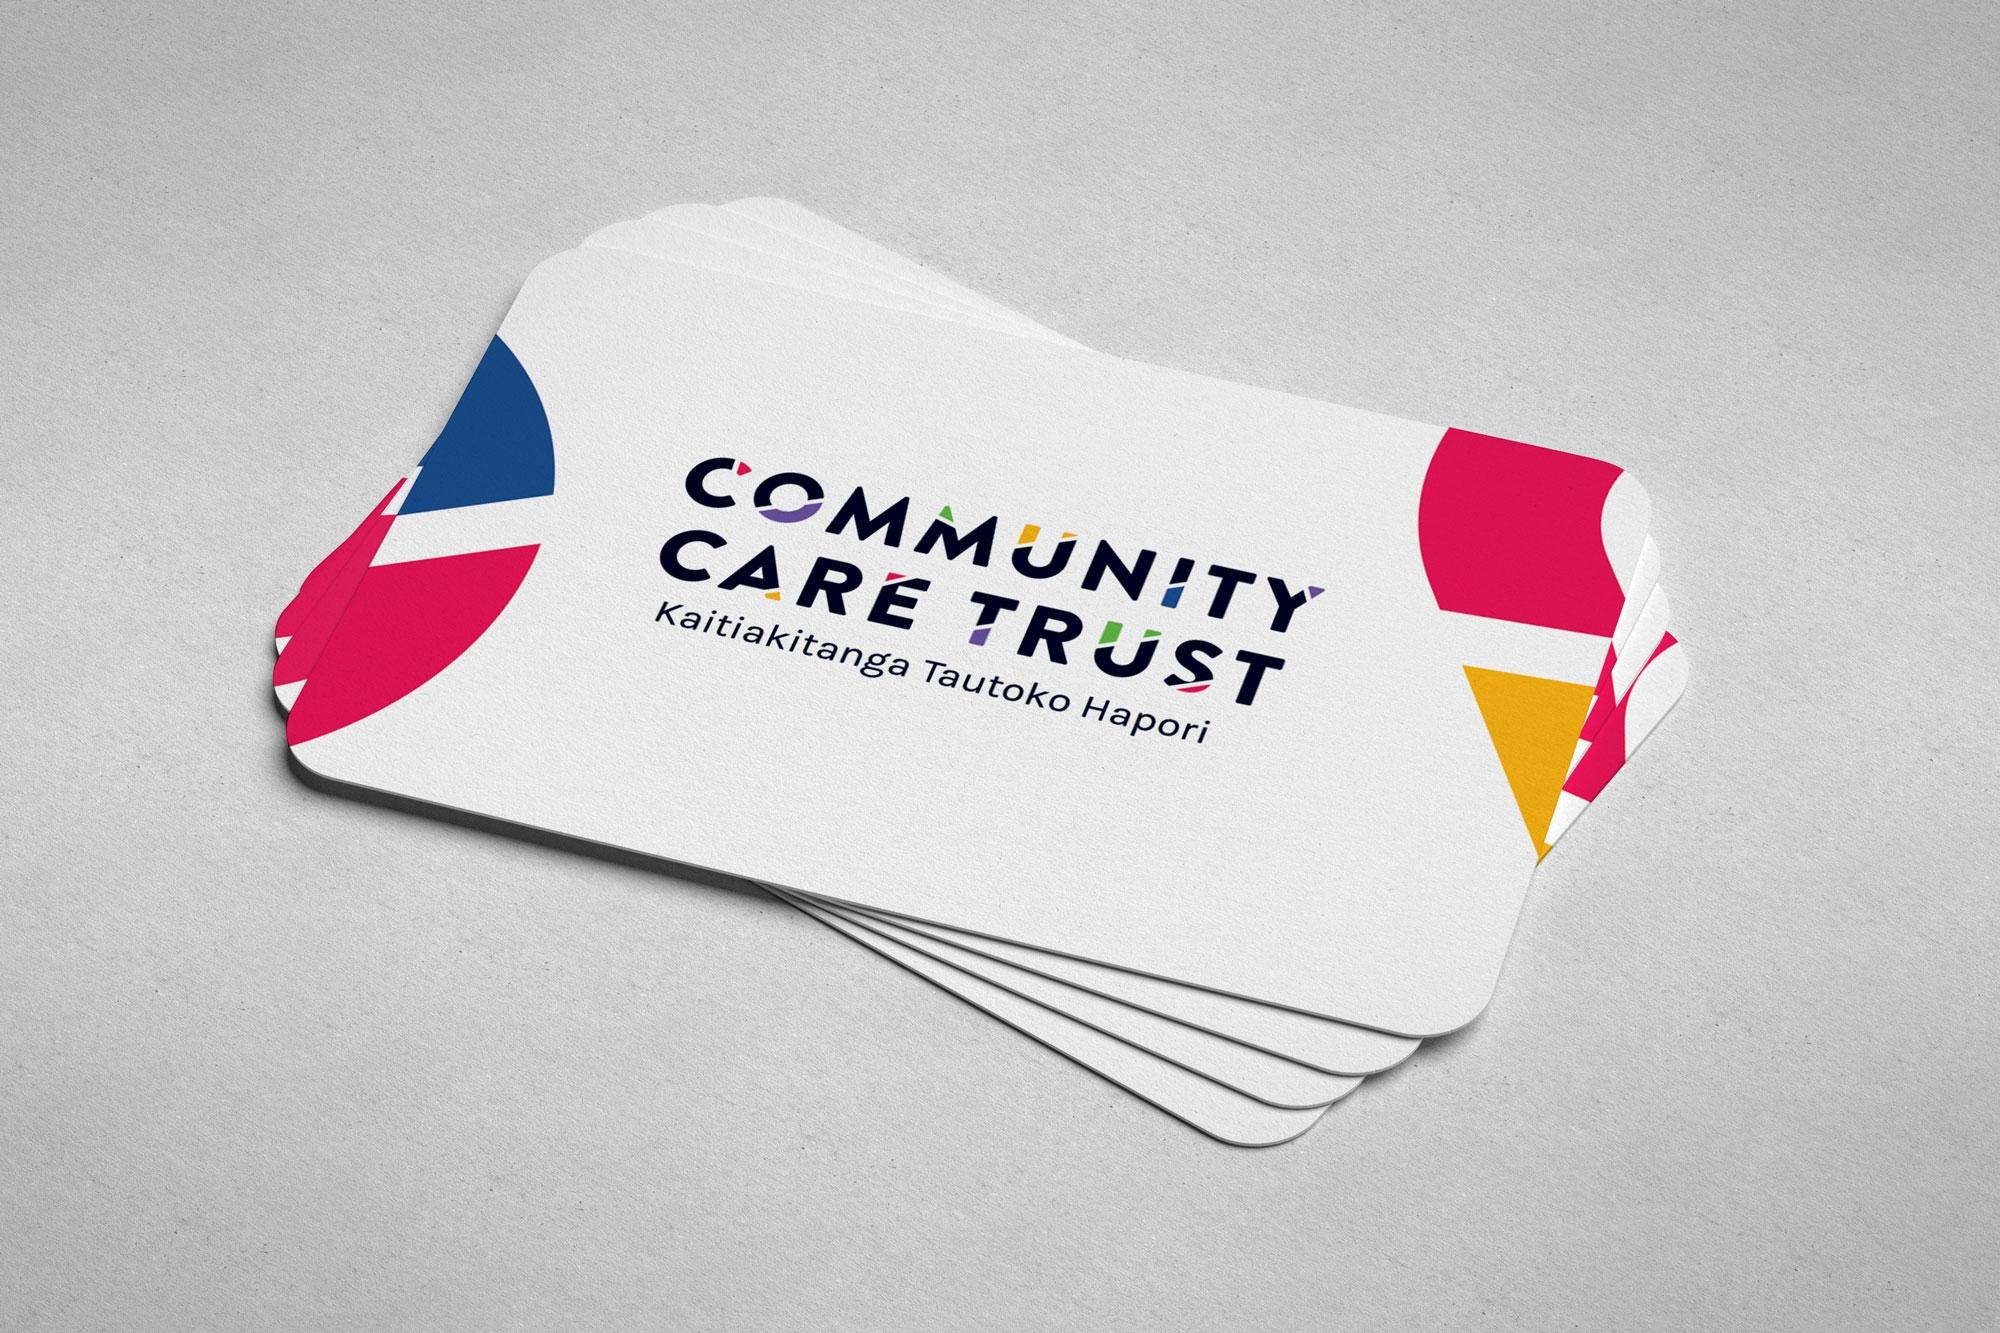 Community Care Trust